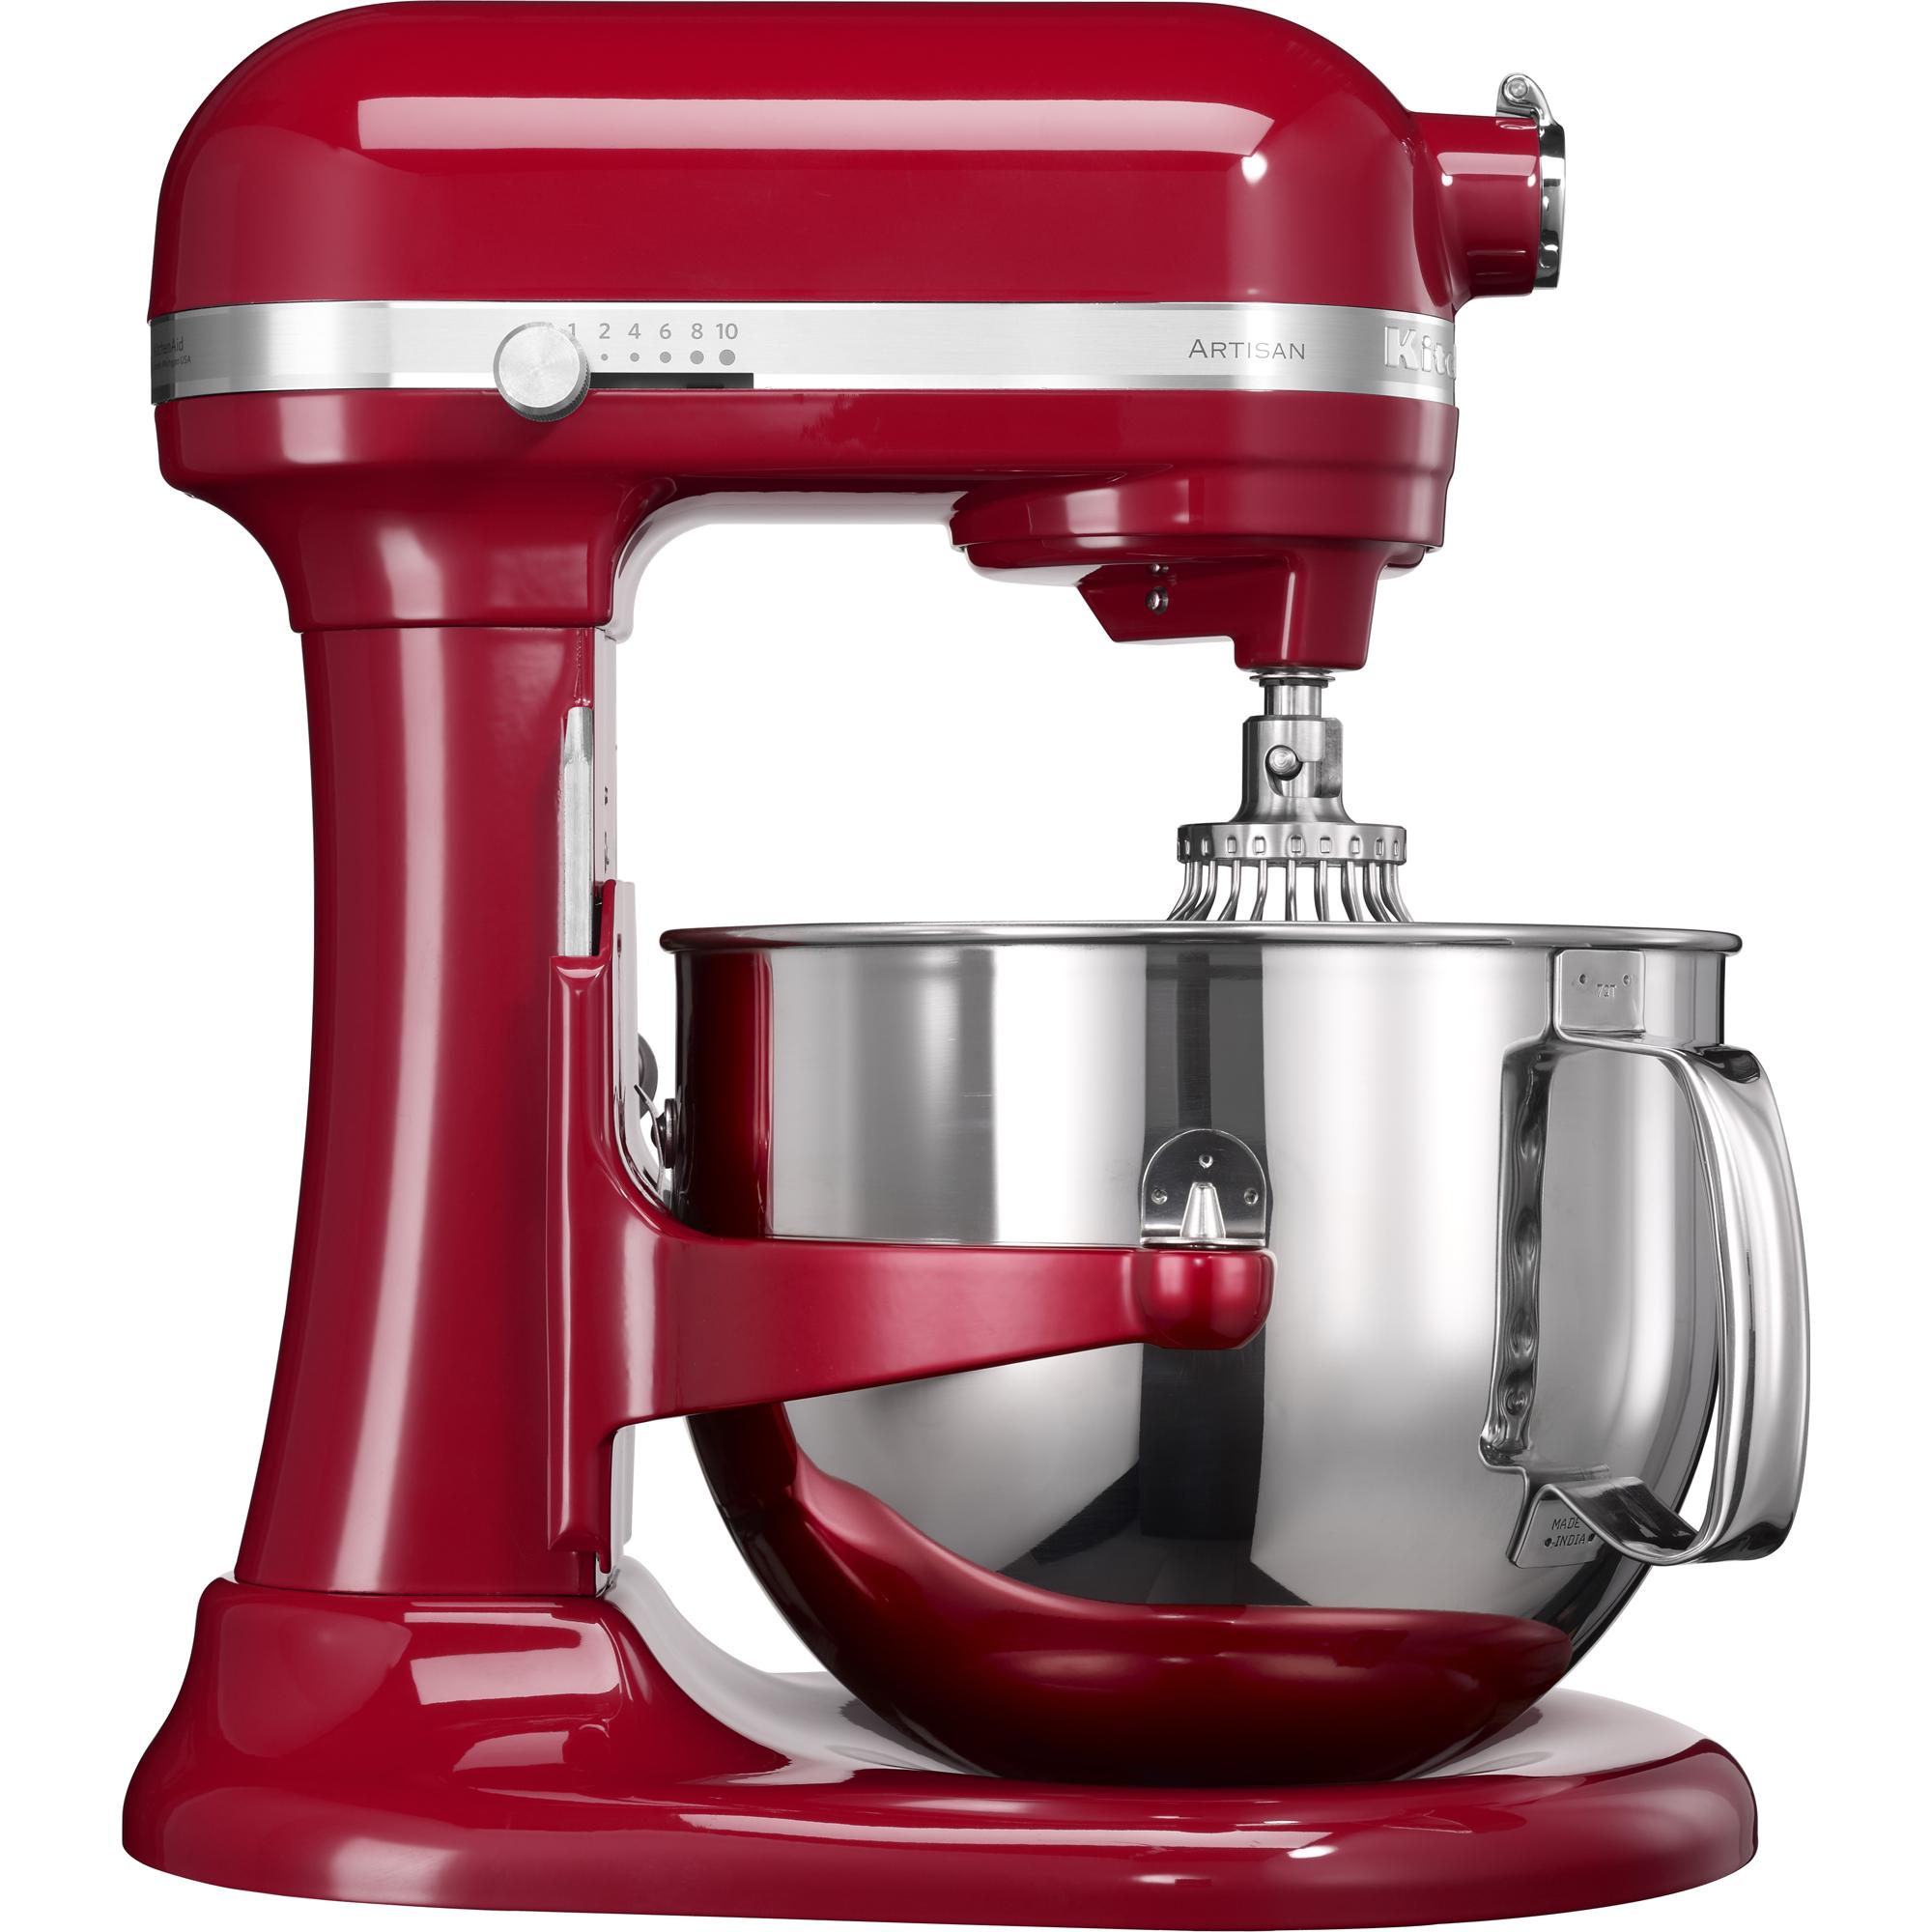 Robot Sur Socle De 6 9 L 5ksm7580x 859700901230 Petits Appareils Menagers Kitchenaid 950 Robot Patissier Multifonction Aide Culinaire Mixeur Kitchen Aid